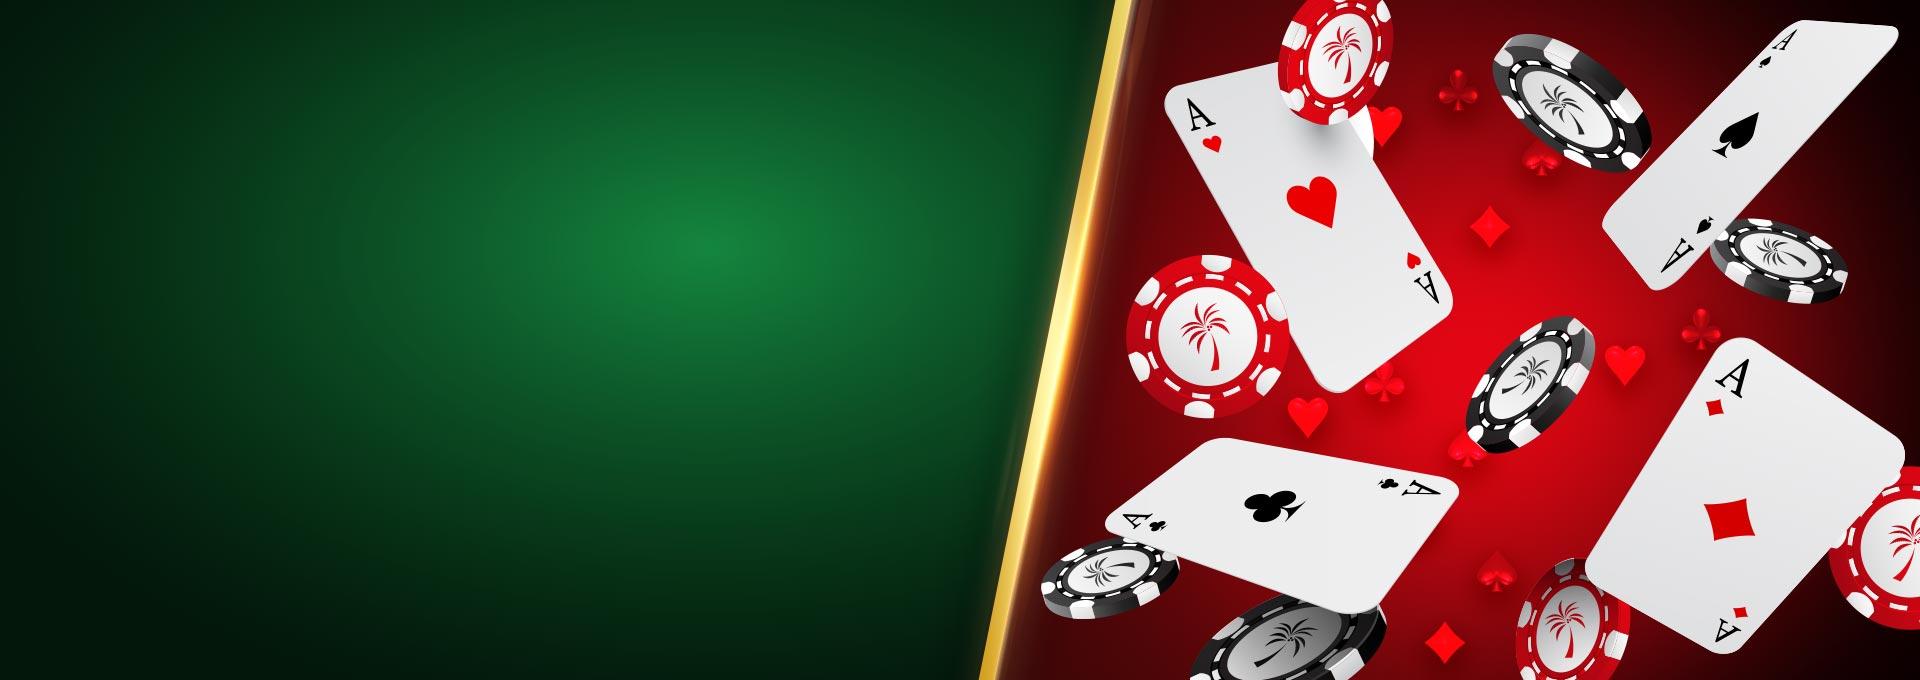 Обман интернет казино с балансом 0 01 wmz